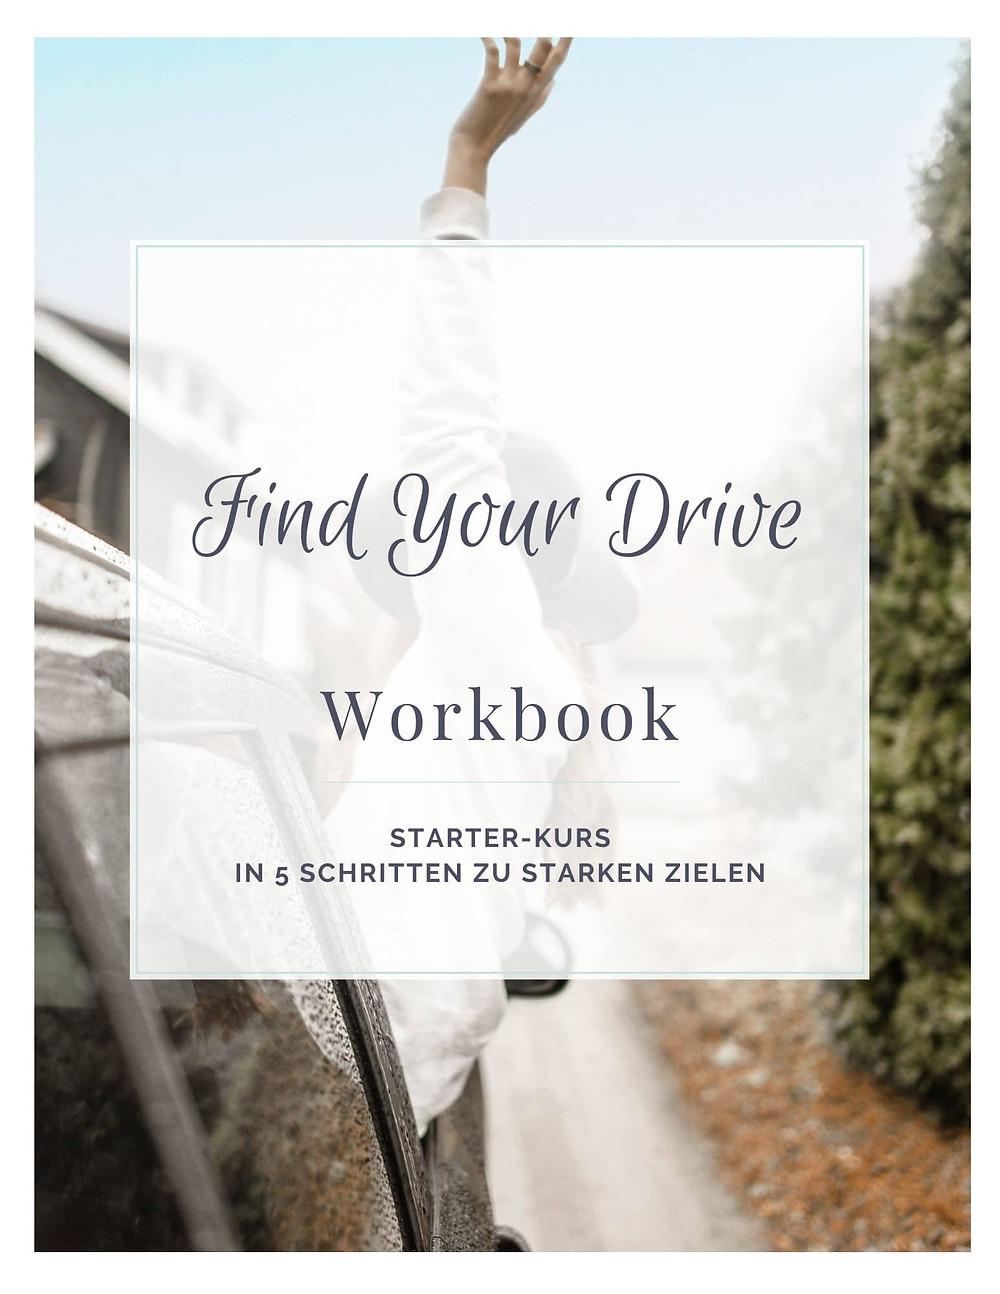 Workbook: In 5 Schritten zu starken Zielen